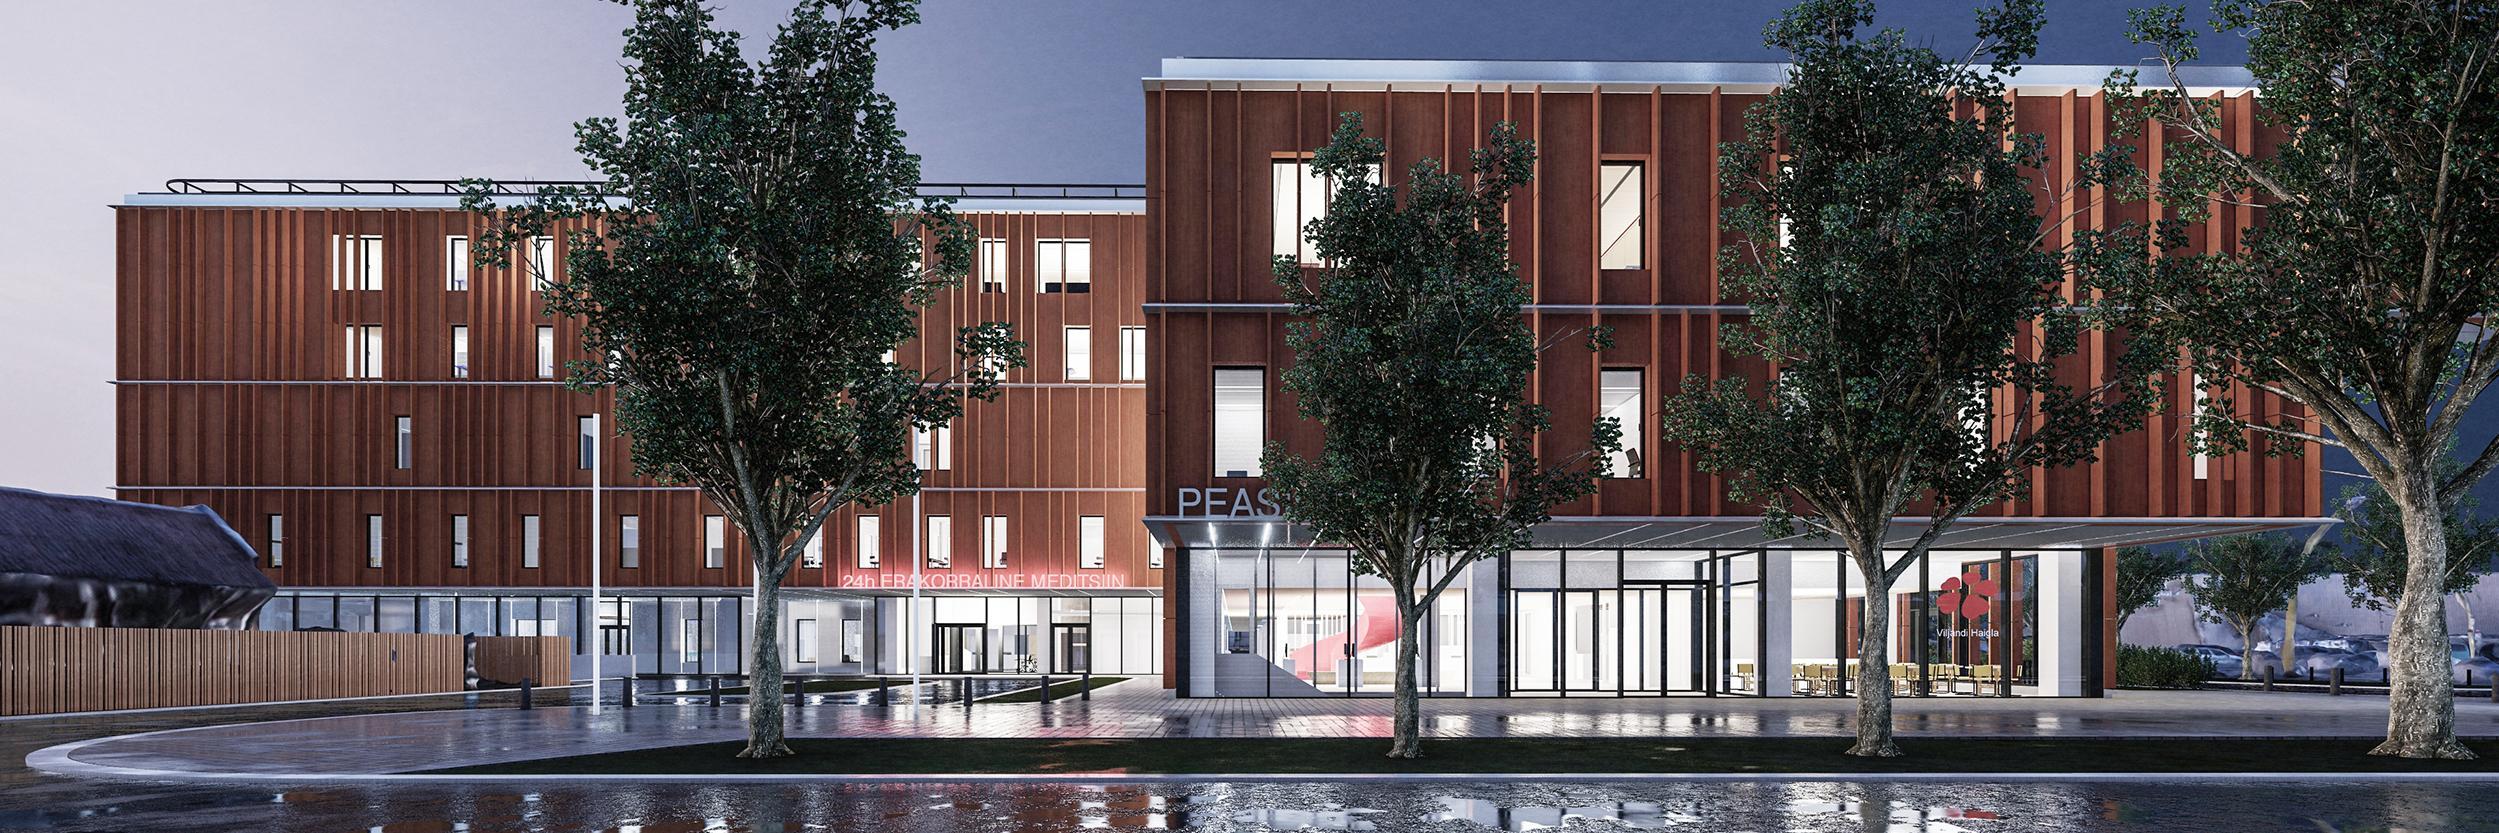 Viljandi uue haigla ja tervisekeskuse ehitusleping